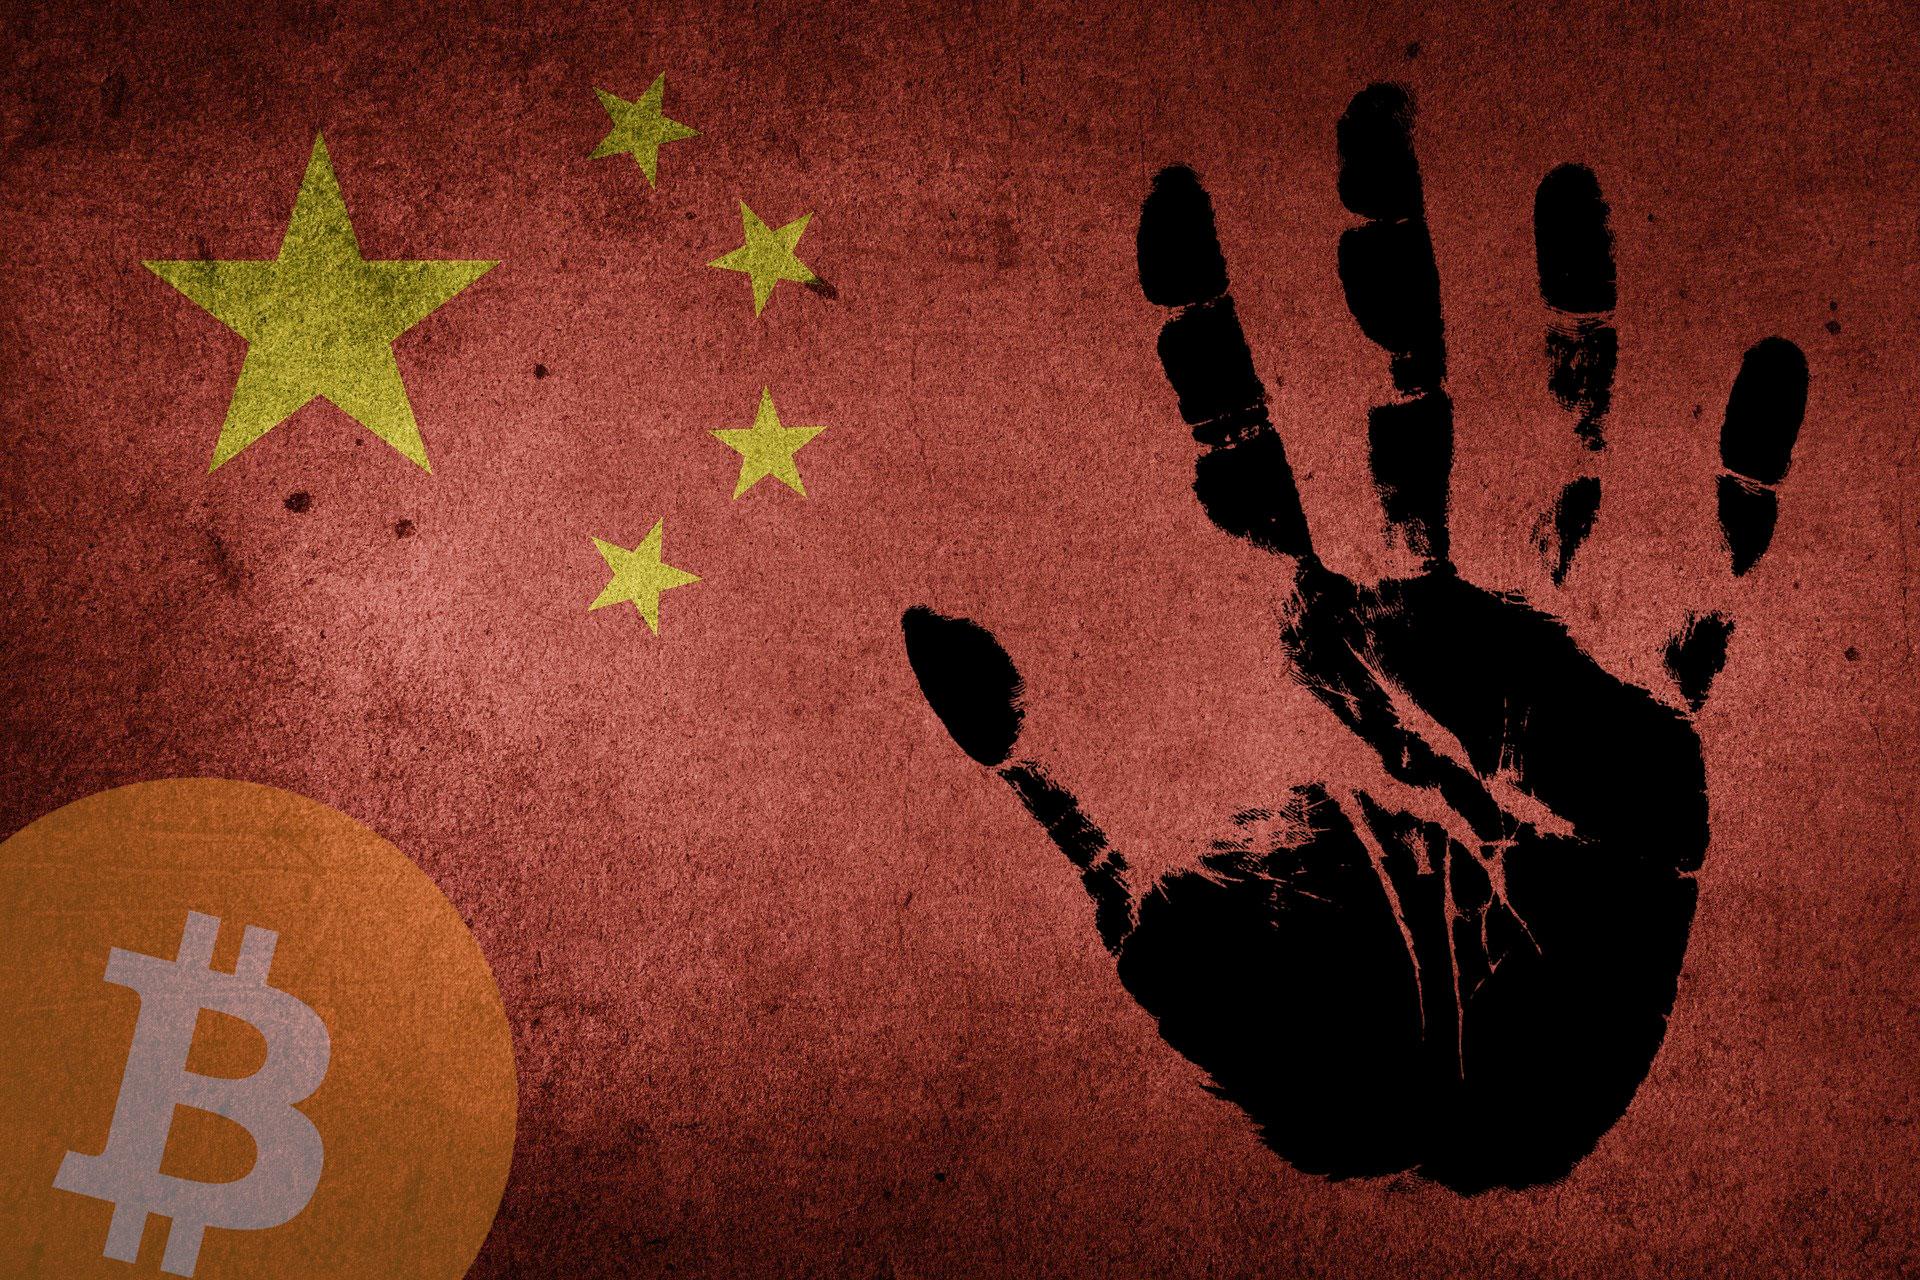 中国・北京の金融監督局長「中国での仮想通貨取引は許可していない」